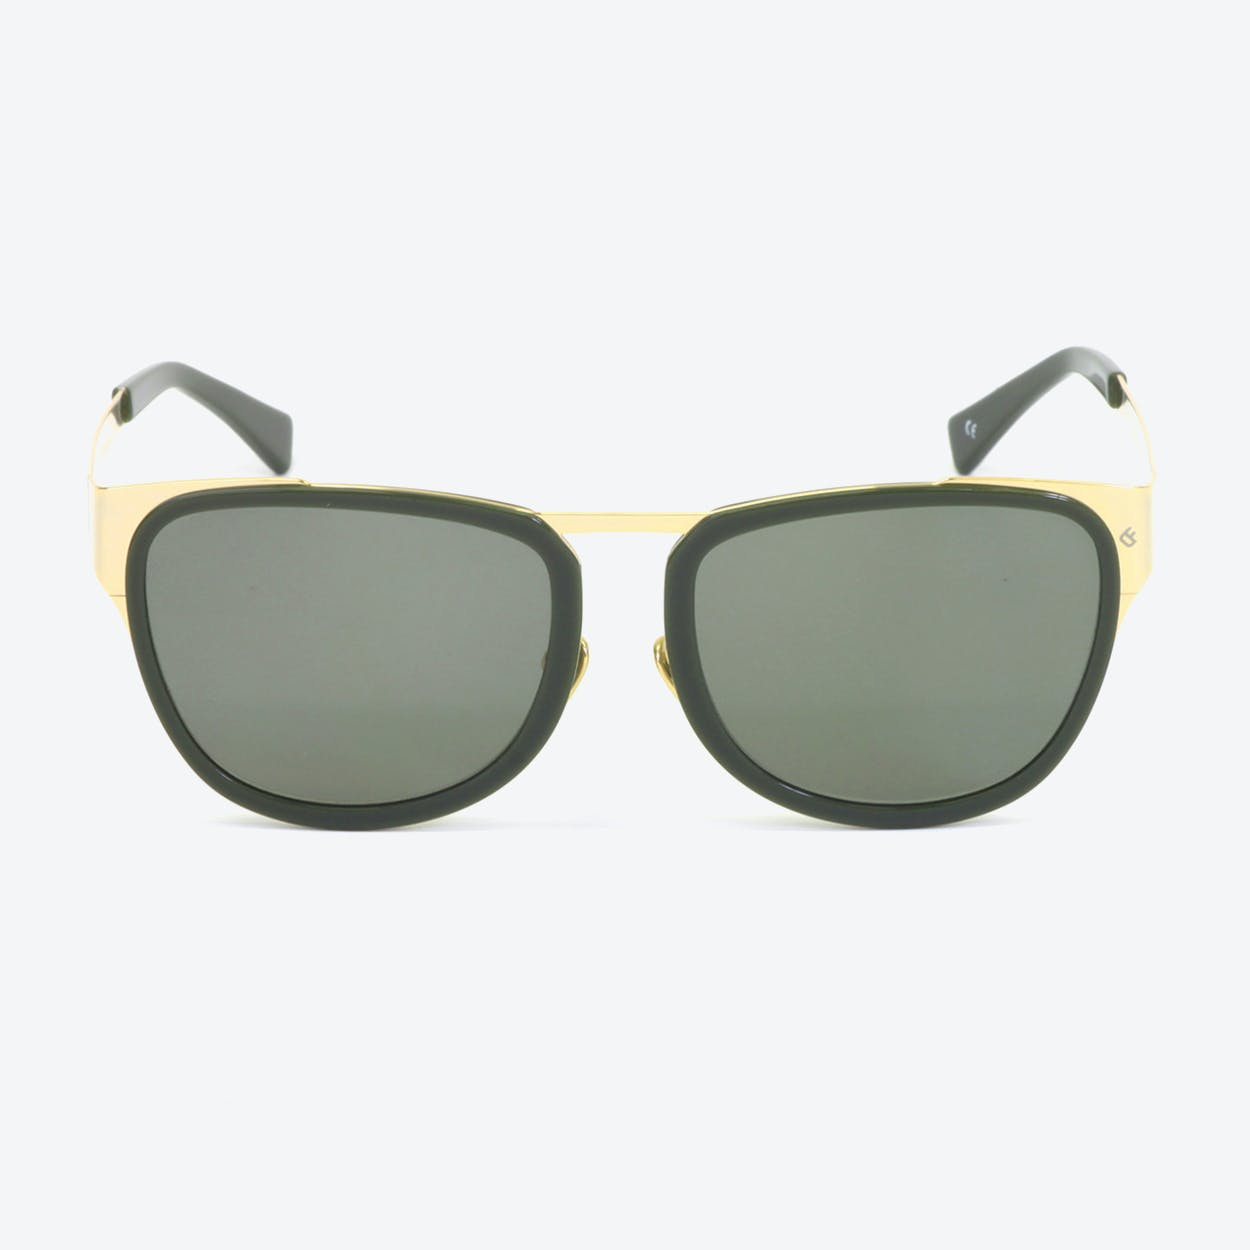 Sunglasses Solitude C03